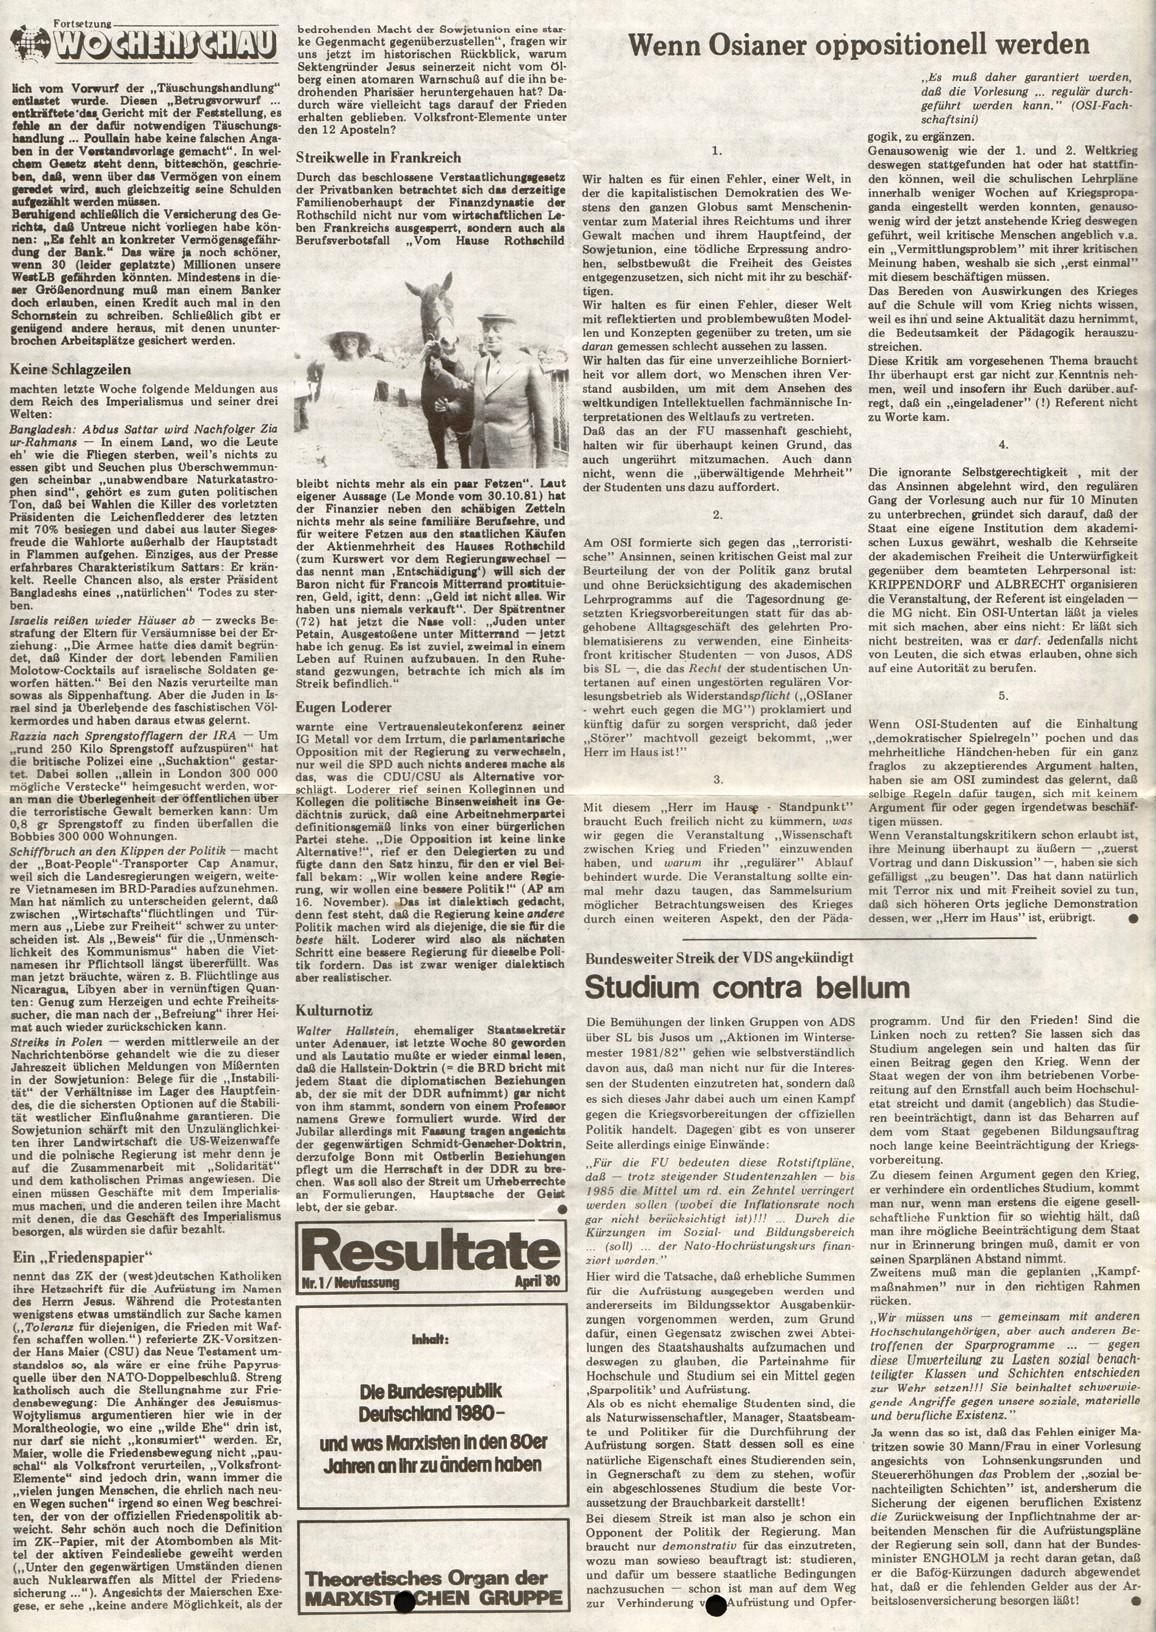 Berlin_MG_Hochschulzeitung_19811124_03